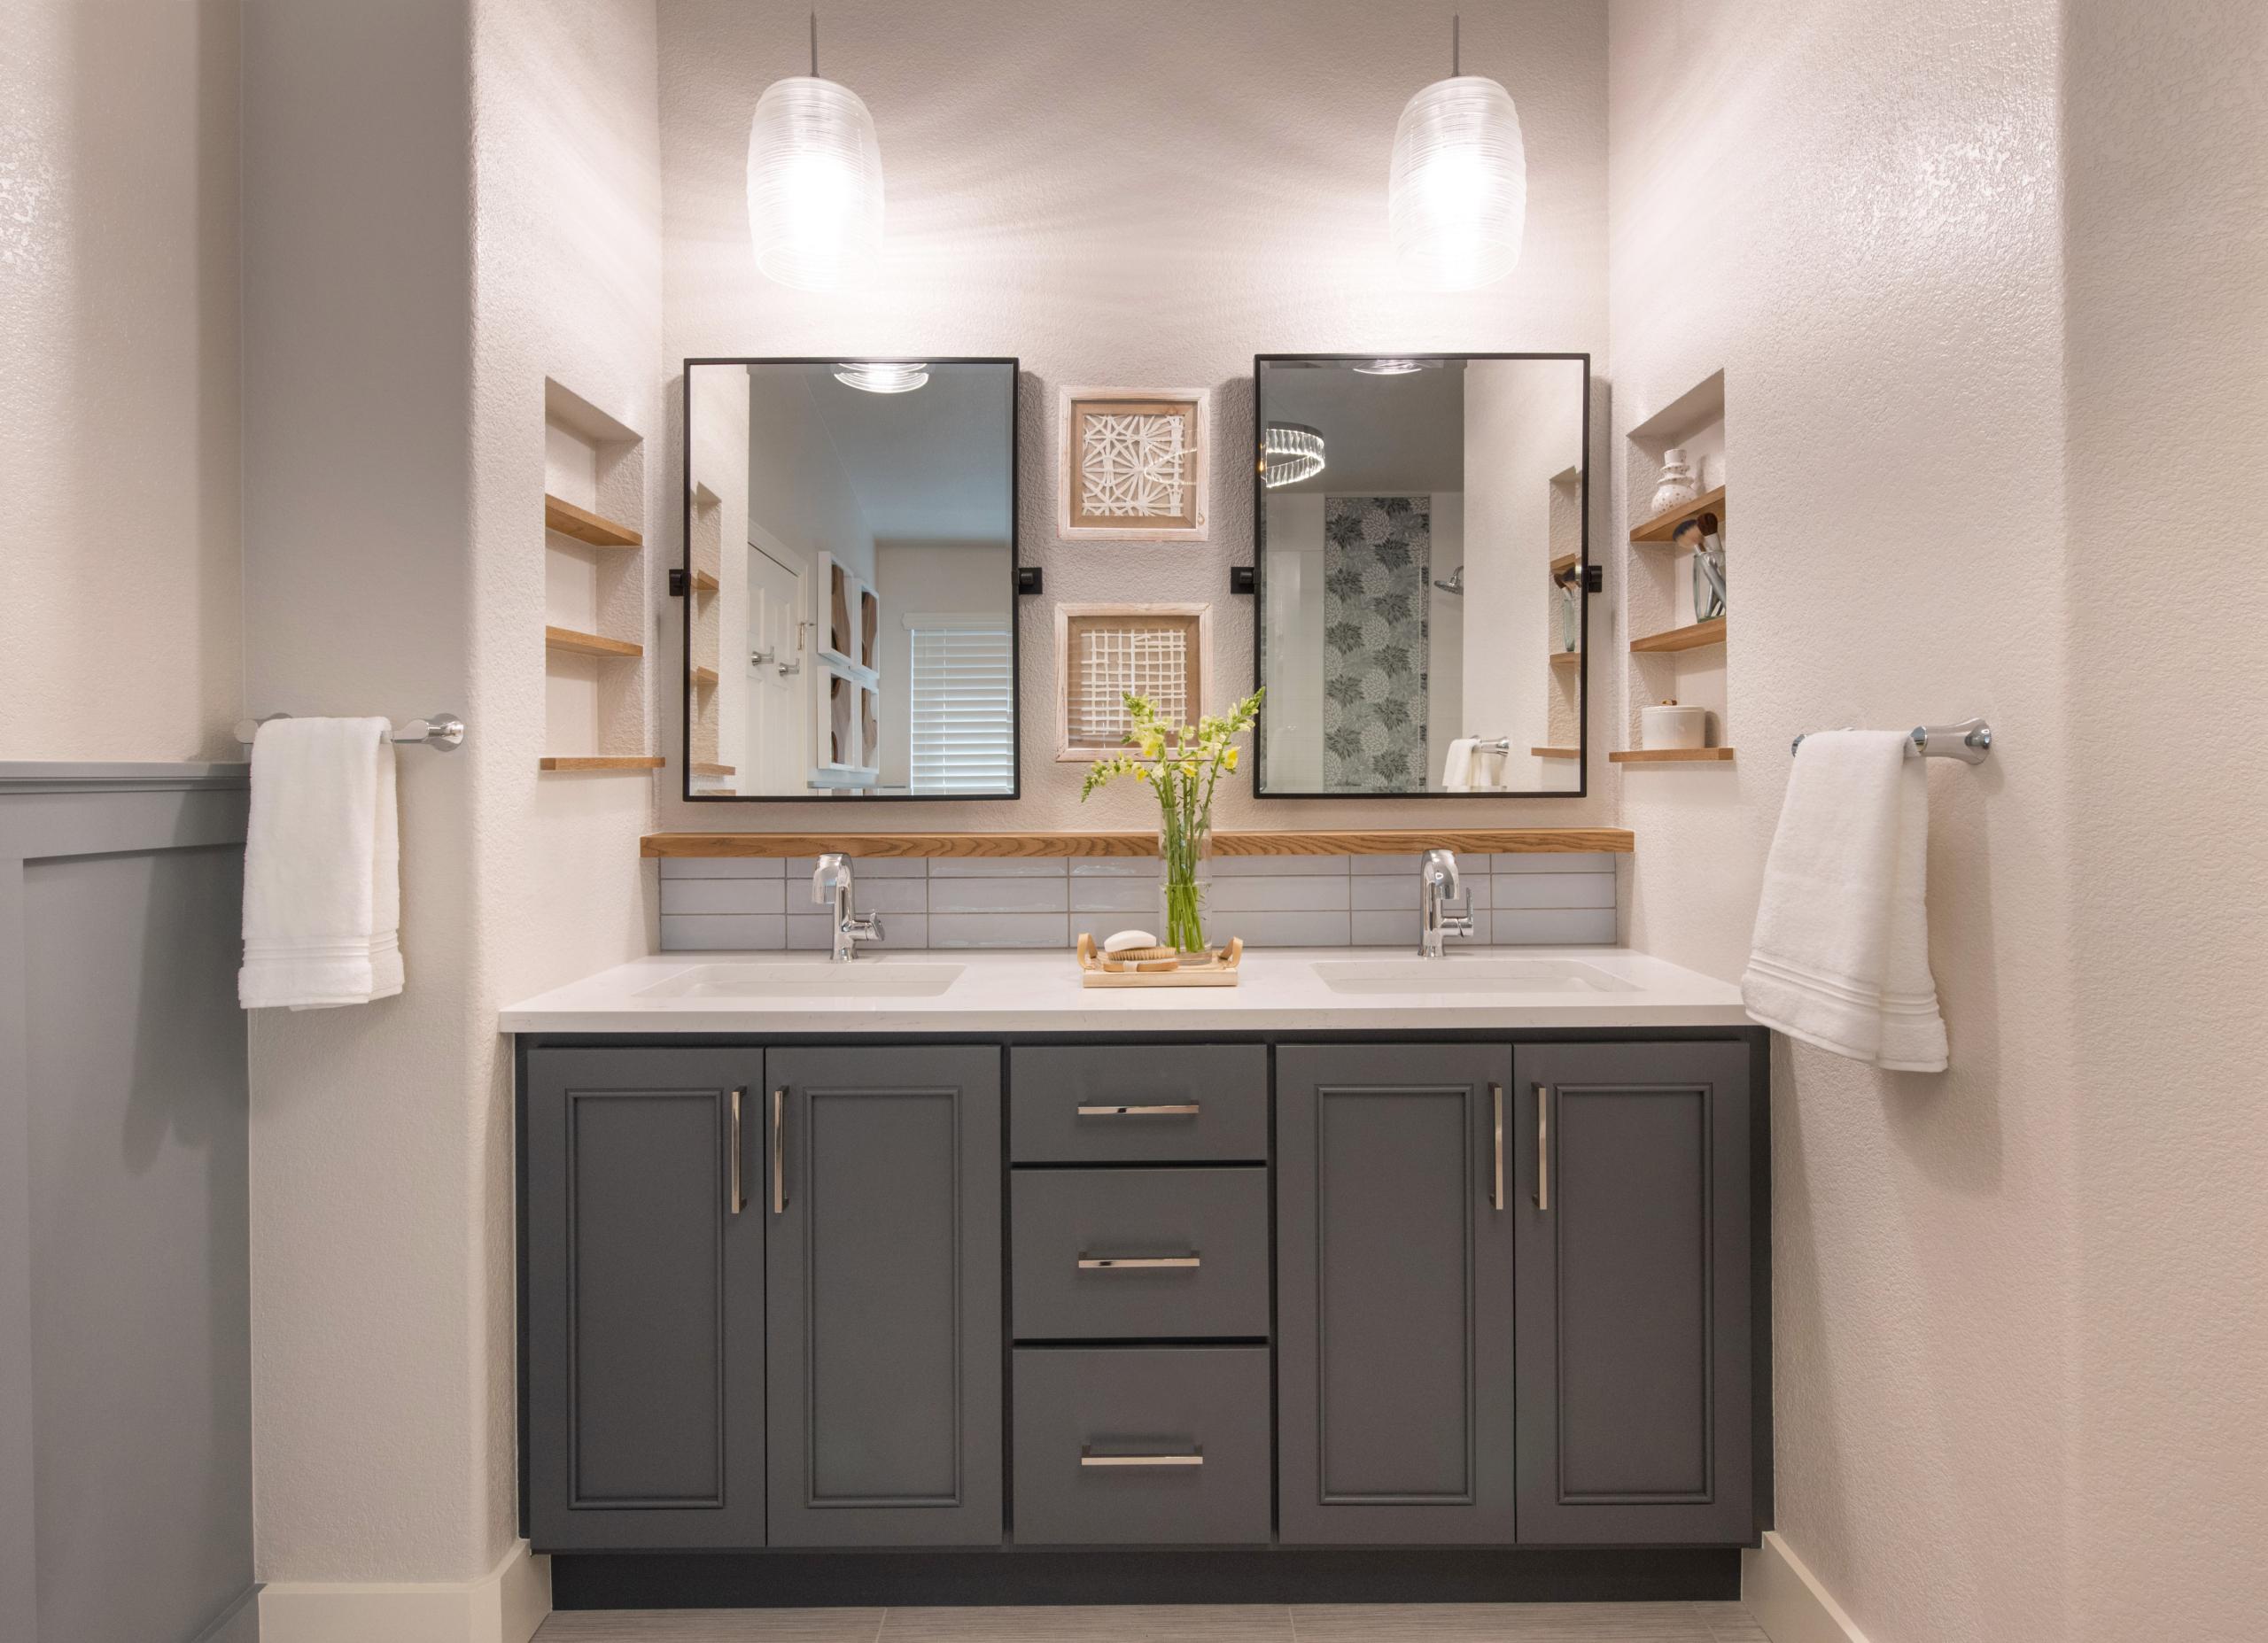 Littleton master suite Remodel Master bathroom vanity. Dark blue cabinets, light blue backsplash, light wooden floating shelf and black metal framed mirrors